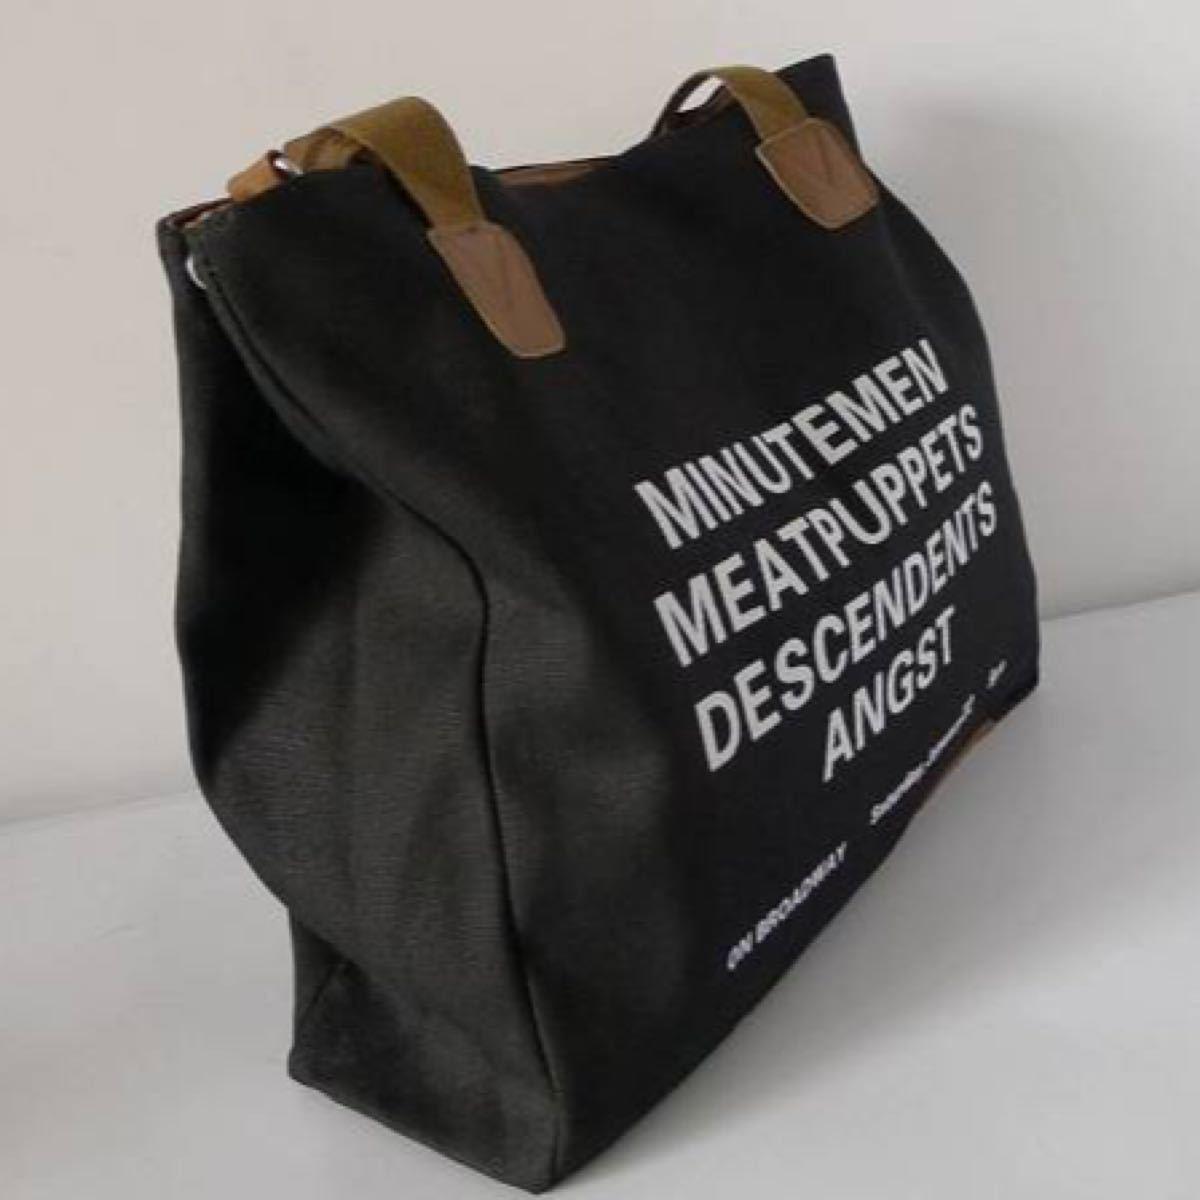 トート バッグ ファスナー 帆布 無印良品 DEAN&DELUCA ZARA シンプル 人気 ショルダー バッグ おしゃれ